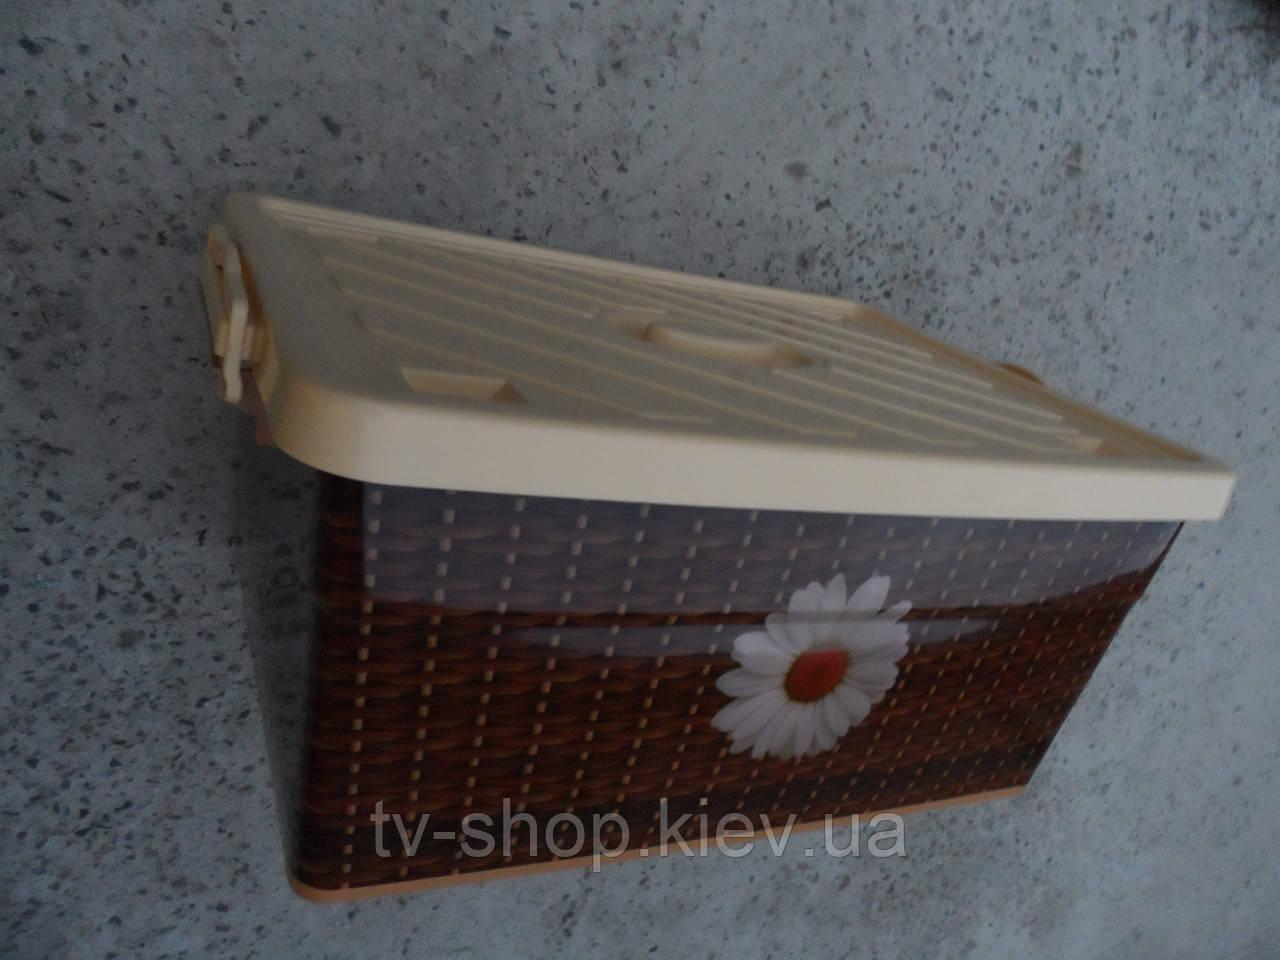 Ящик для игрушек\белья на колесах Плетенка,40 л